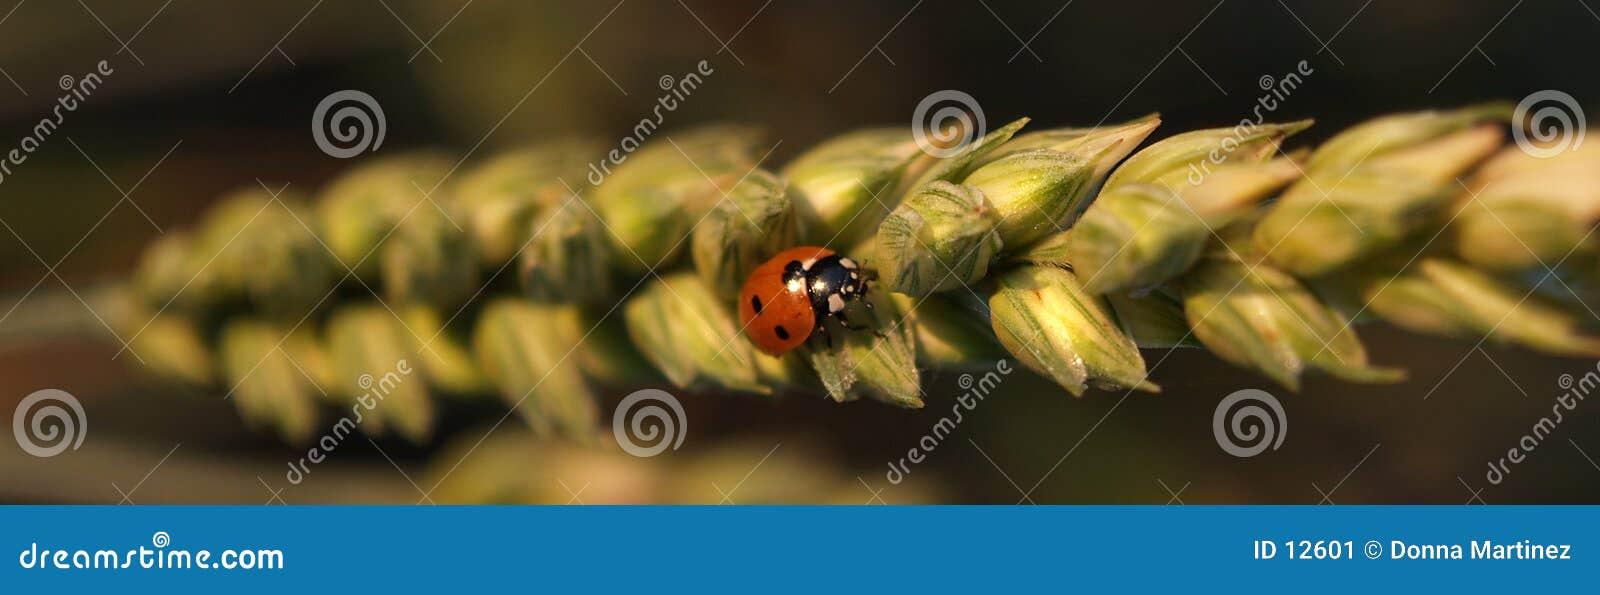 Ladybug su frumento